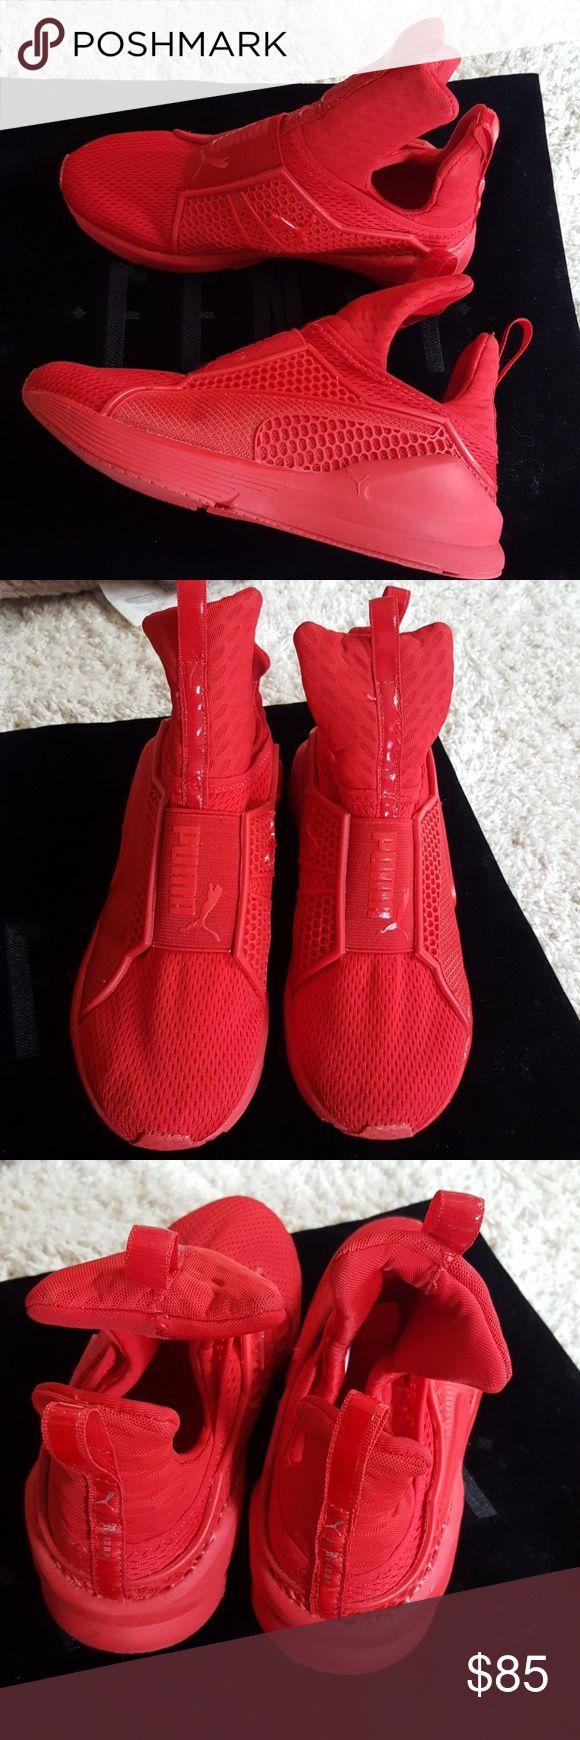 Rihanna puma fenty trainers Womens Fenty trainers.. Puma Shoes Sneakers